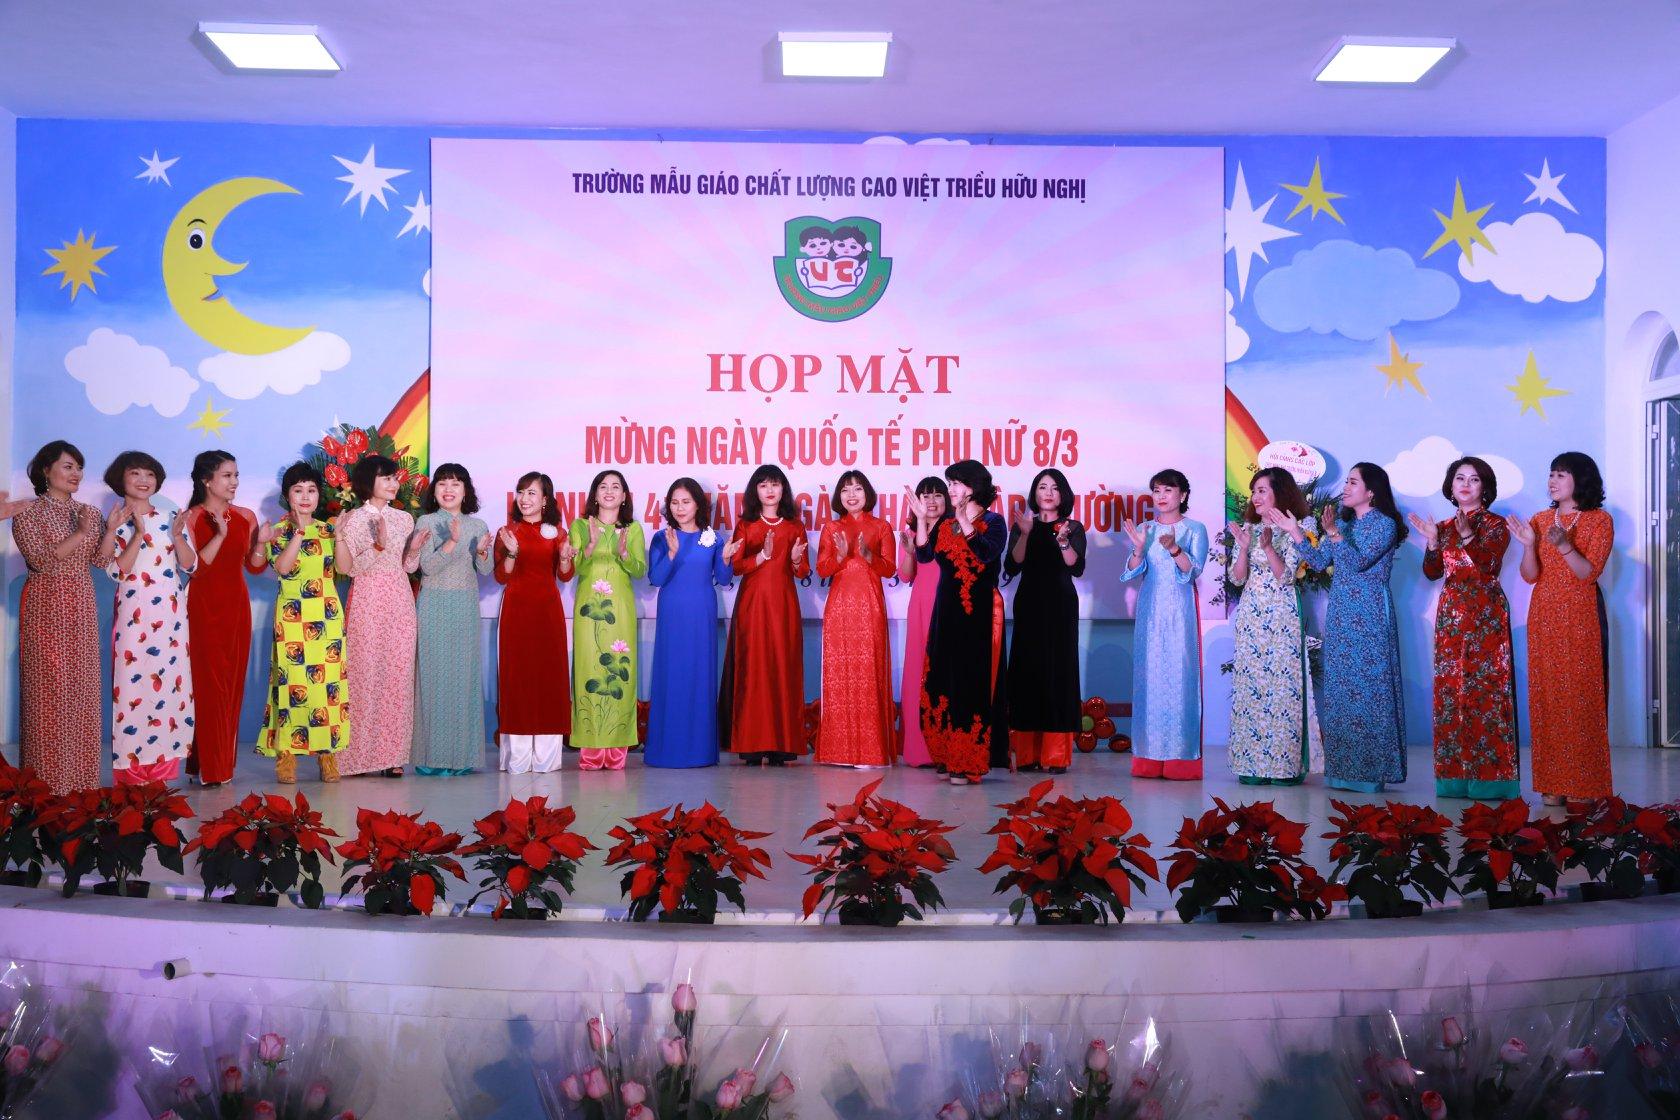 Trường mẫu giáo Việt Triều - Trung Tự